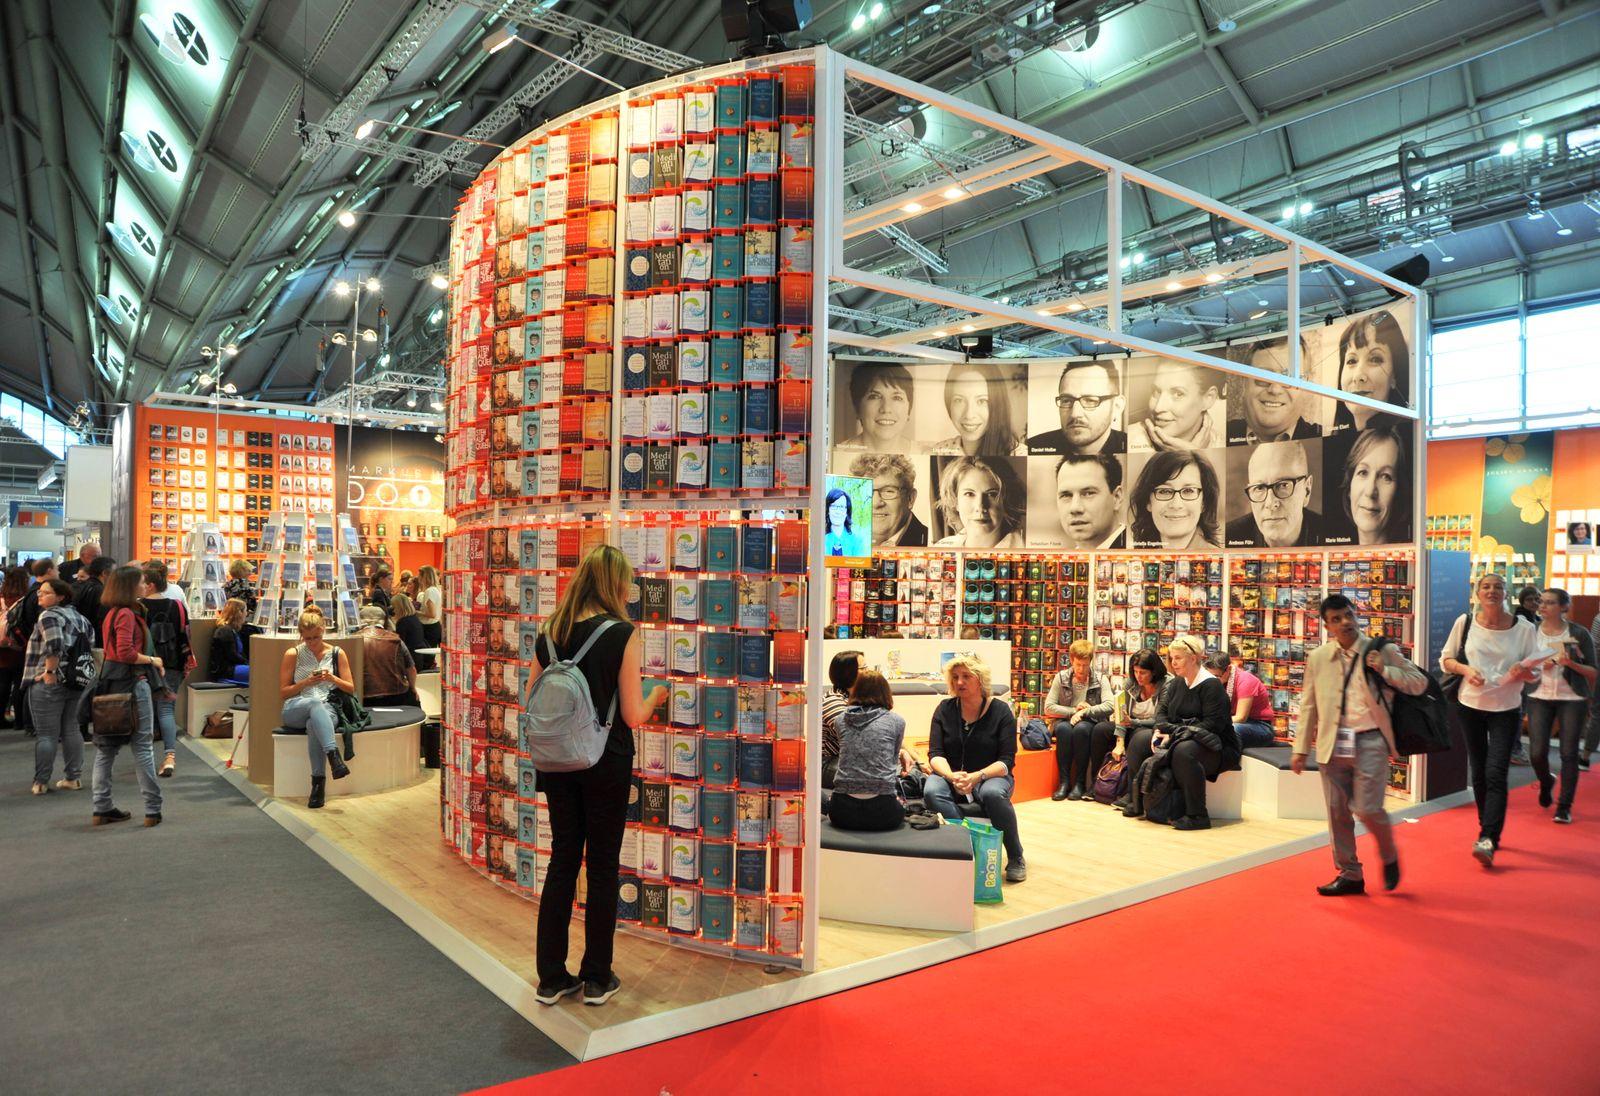 Frankfurter Buchmesse 2019, von 16. bis 20.10.2019 in Frankfurt am Main. Foto: Messestand Droemer Knaur *** Frankfurt B